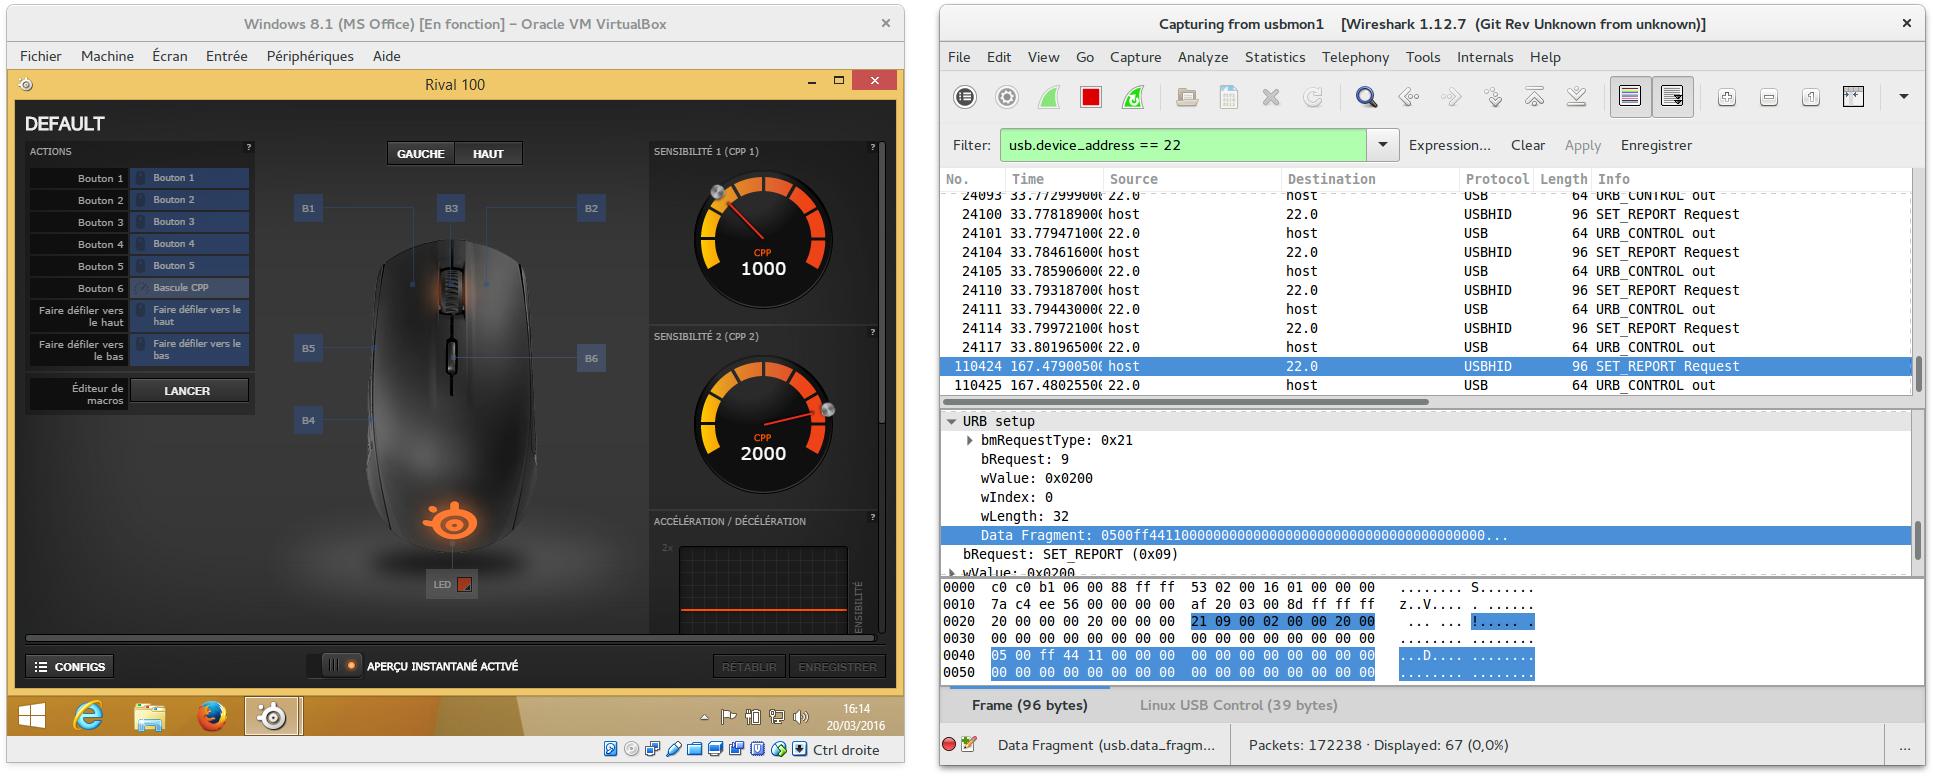 Capture d'écran du SteelSeries Engine 3 tournant dans une machine virtuelle Windows et de Wireshark capturant des paquets.